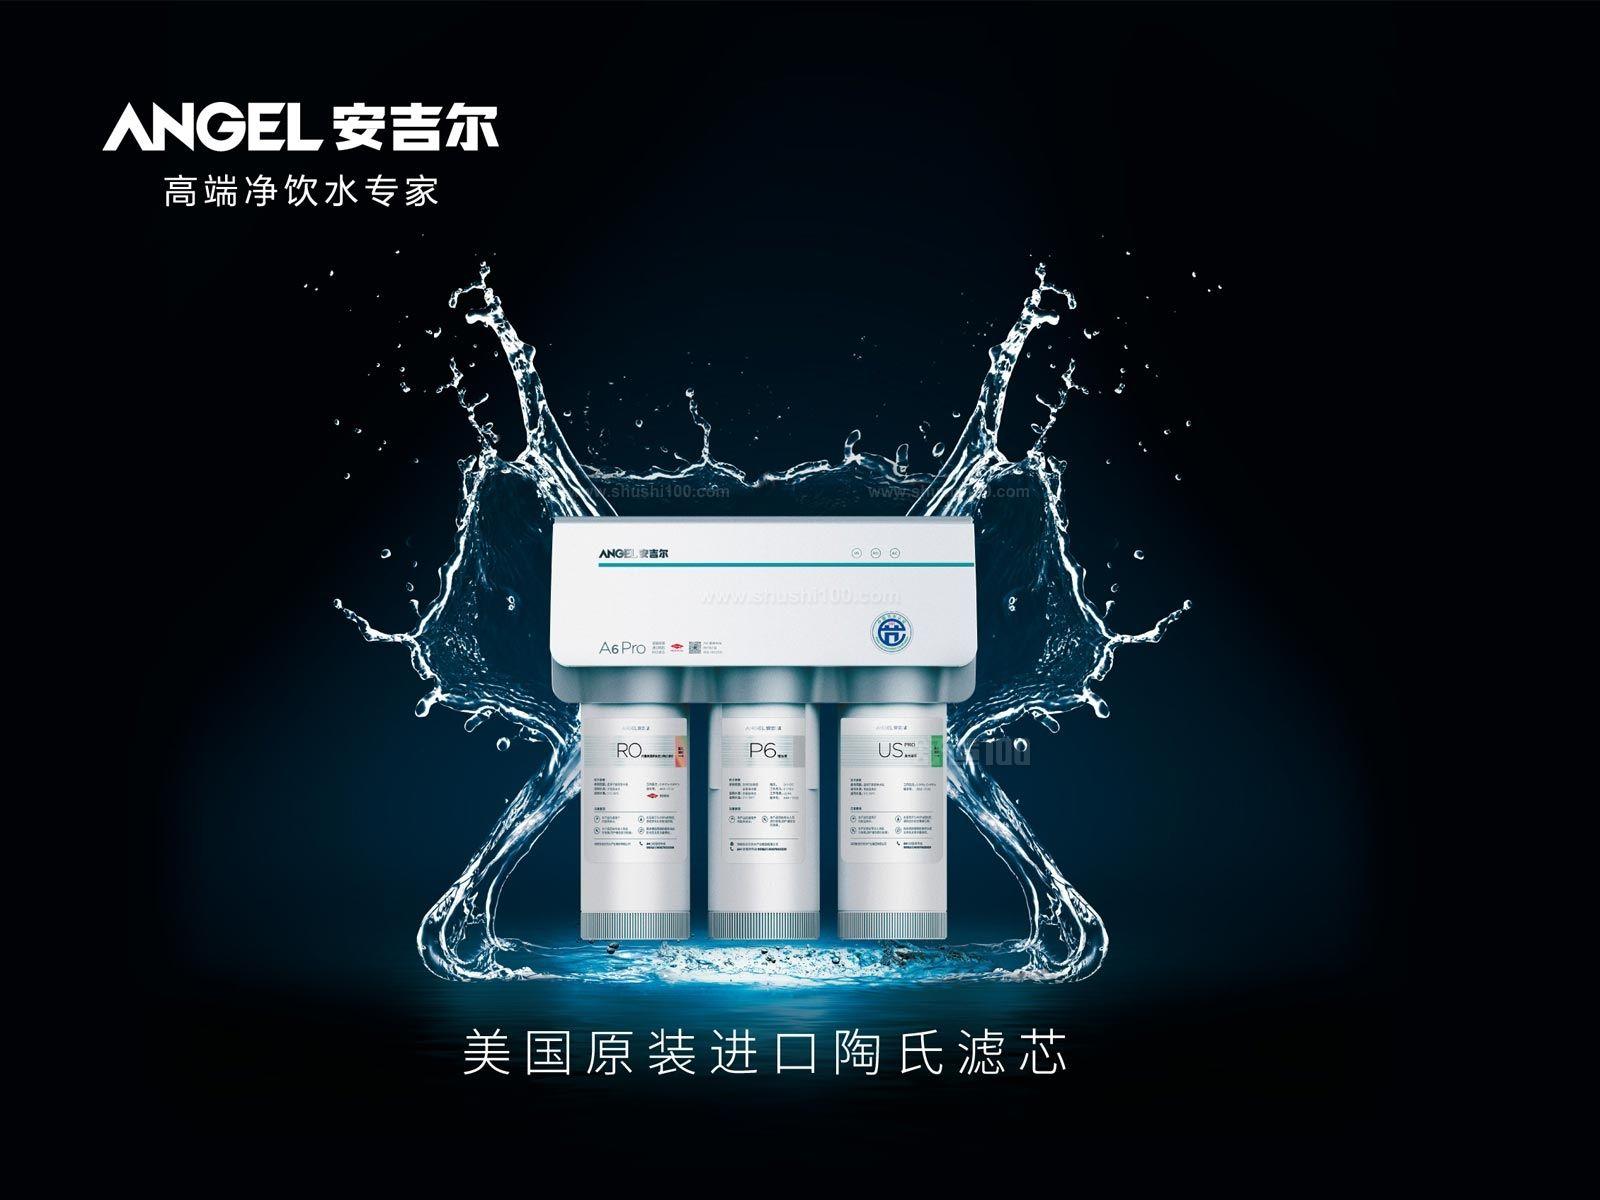 安吉尔净水器怎么加盟代理,代理安吉尔有什么优势?